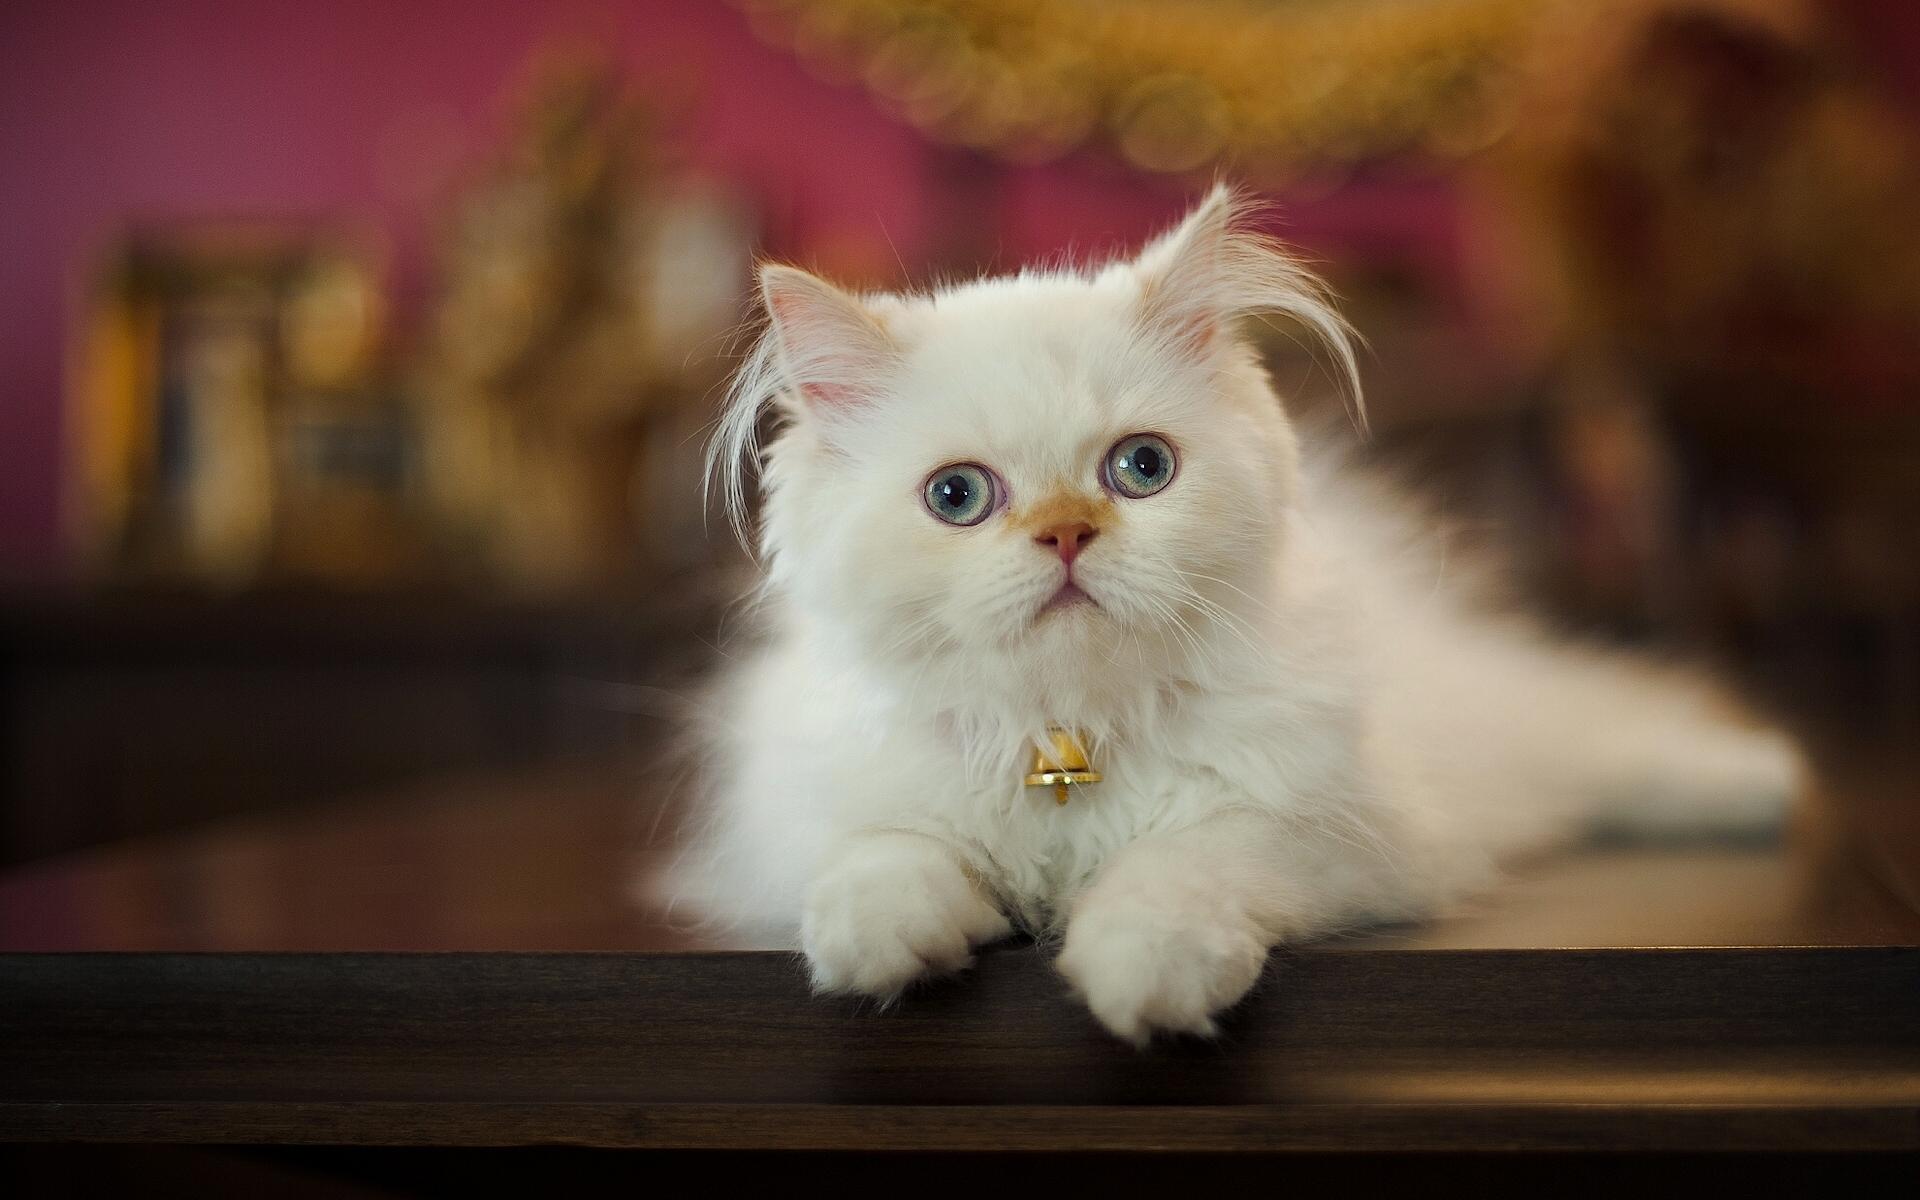 обои для рабочего стола кошки перс № 610820 бесплатно